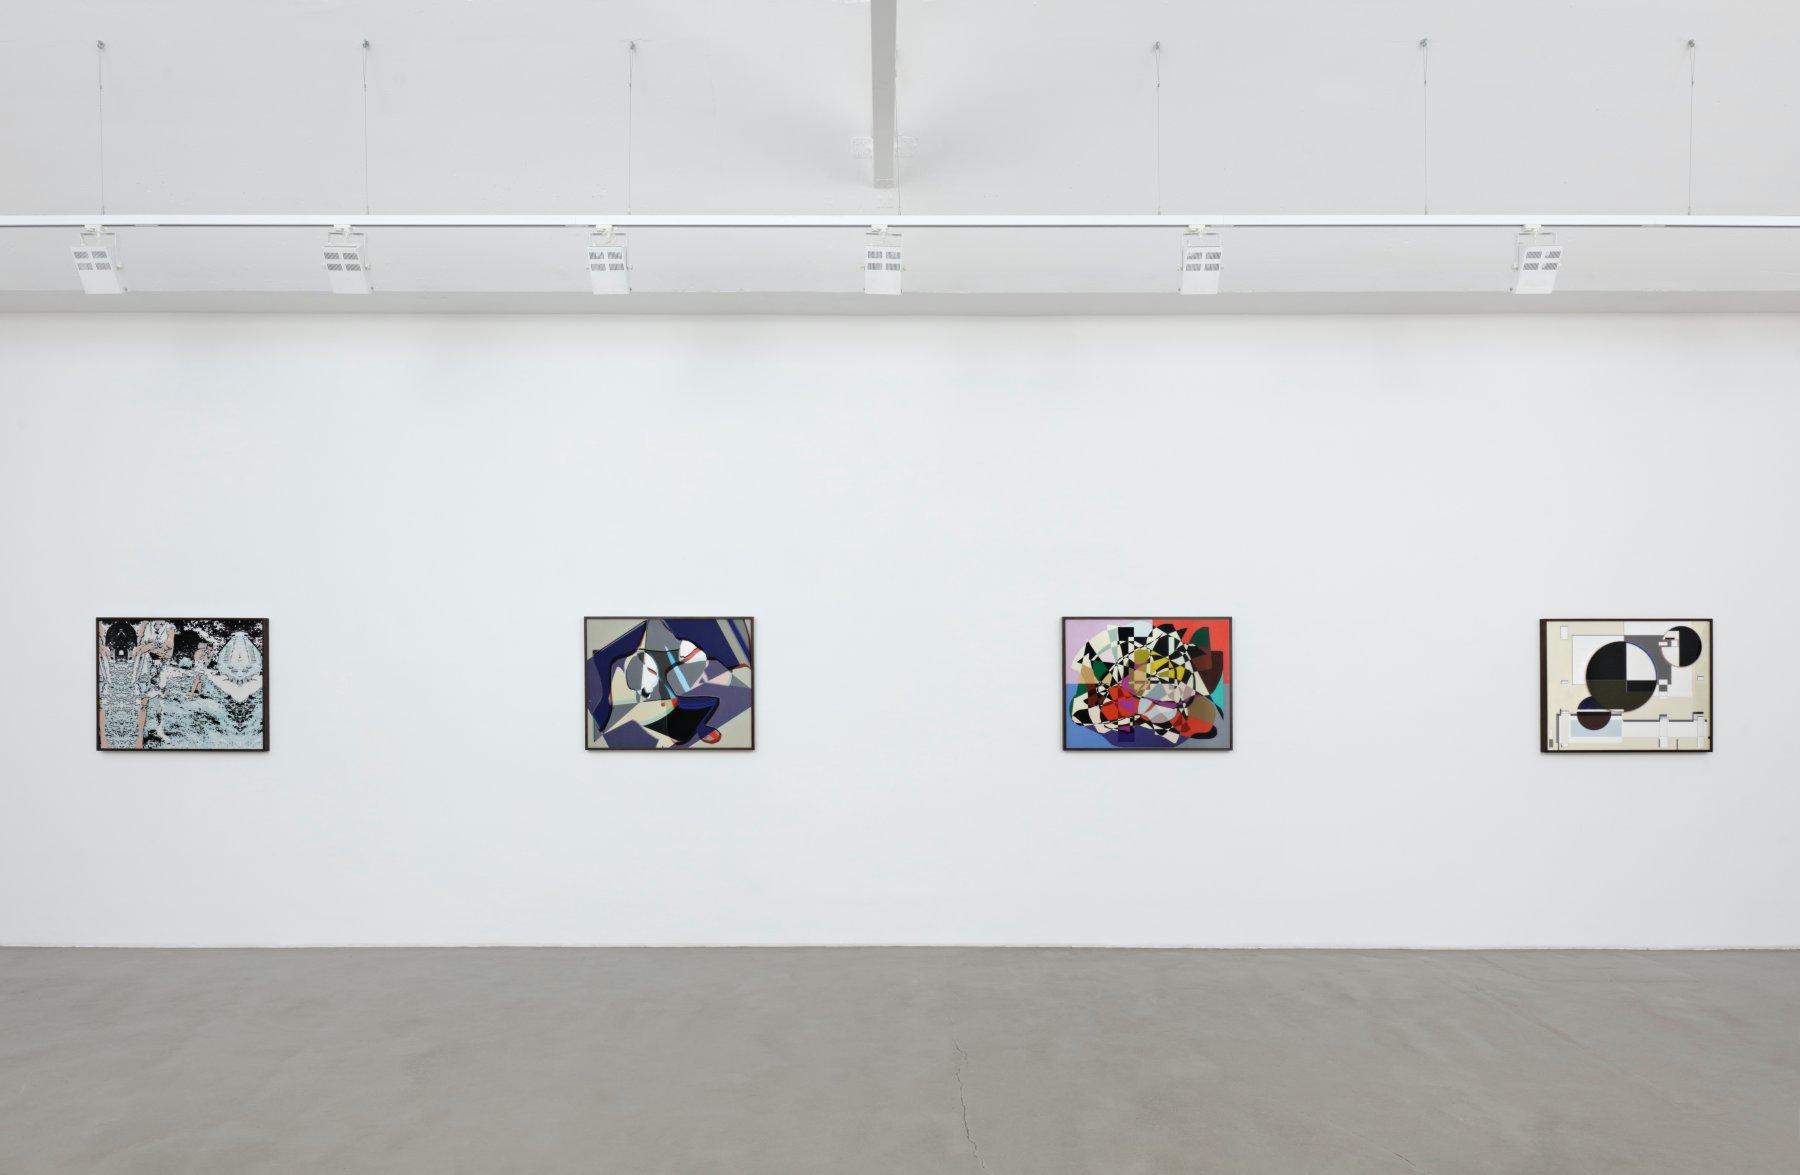 Galerie Barbara Thumm Anne-Mie van Kerckhoven 1 new